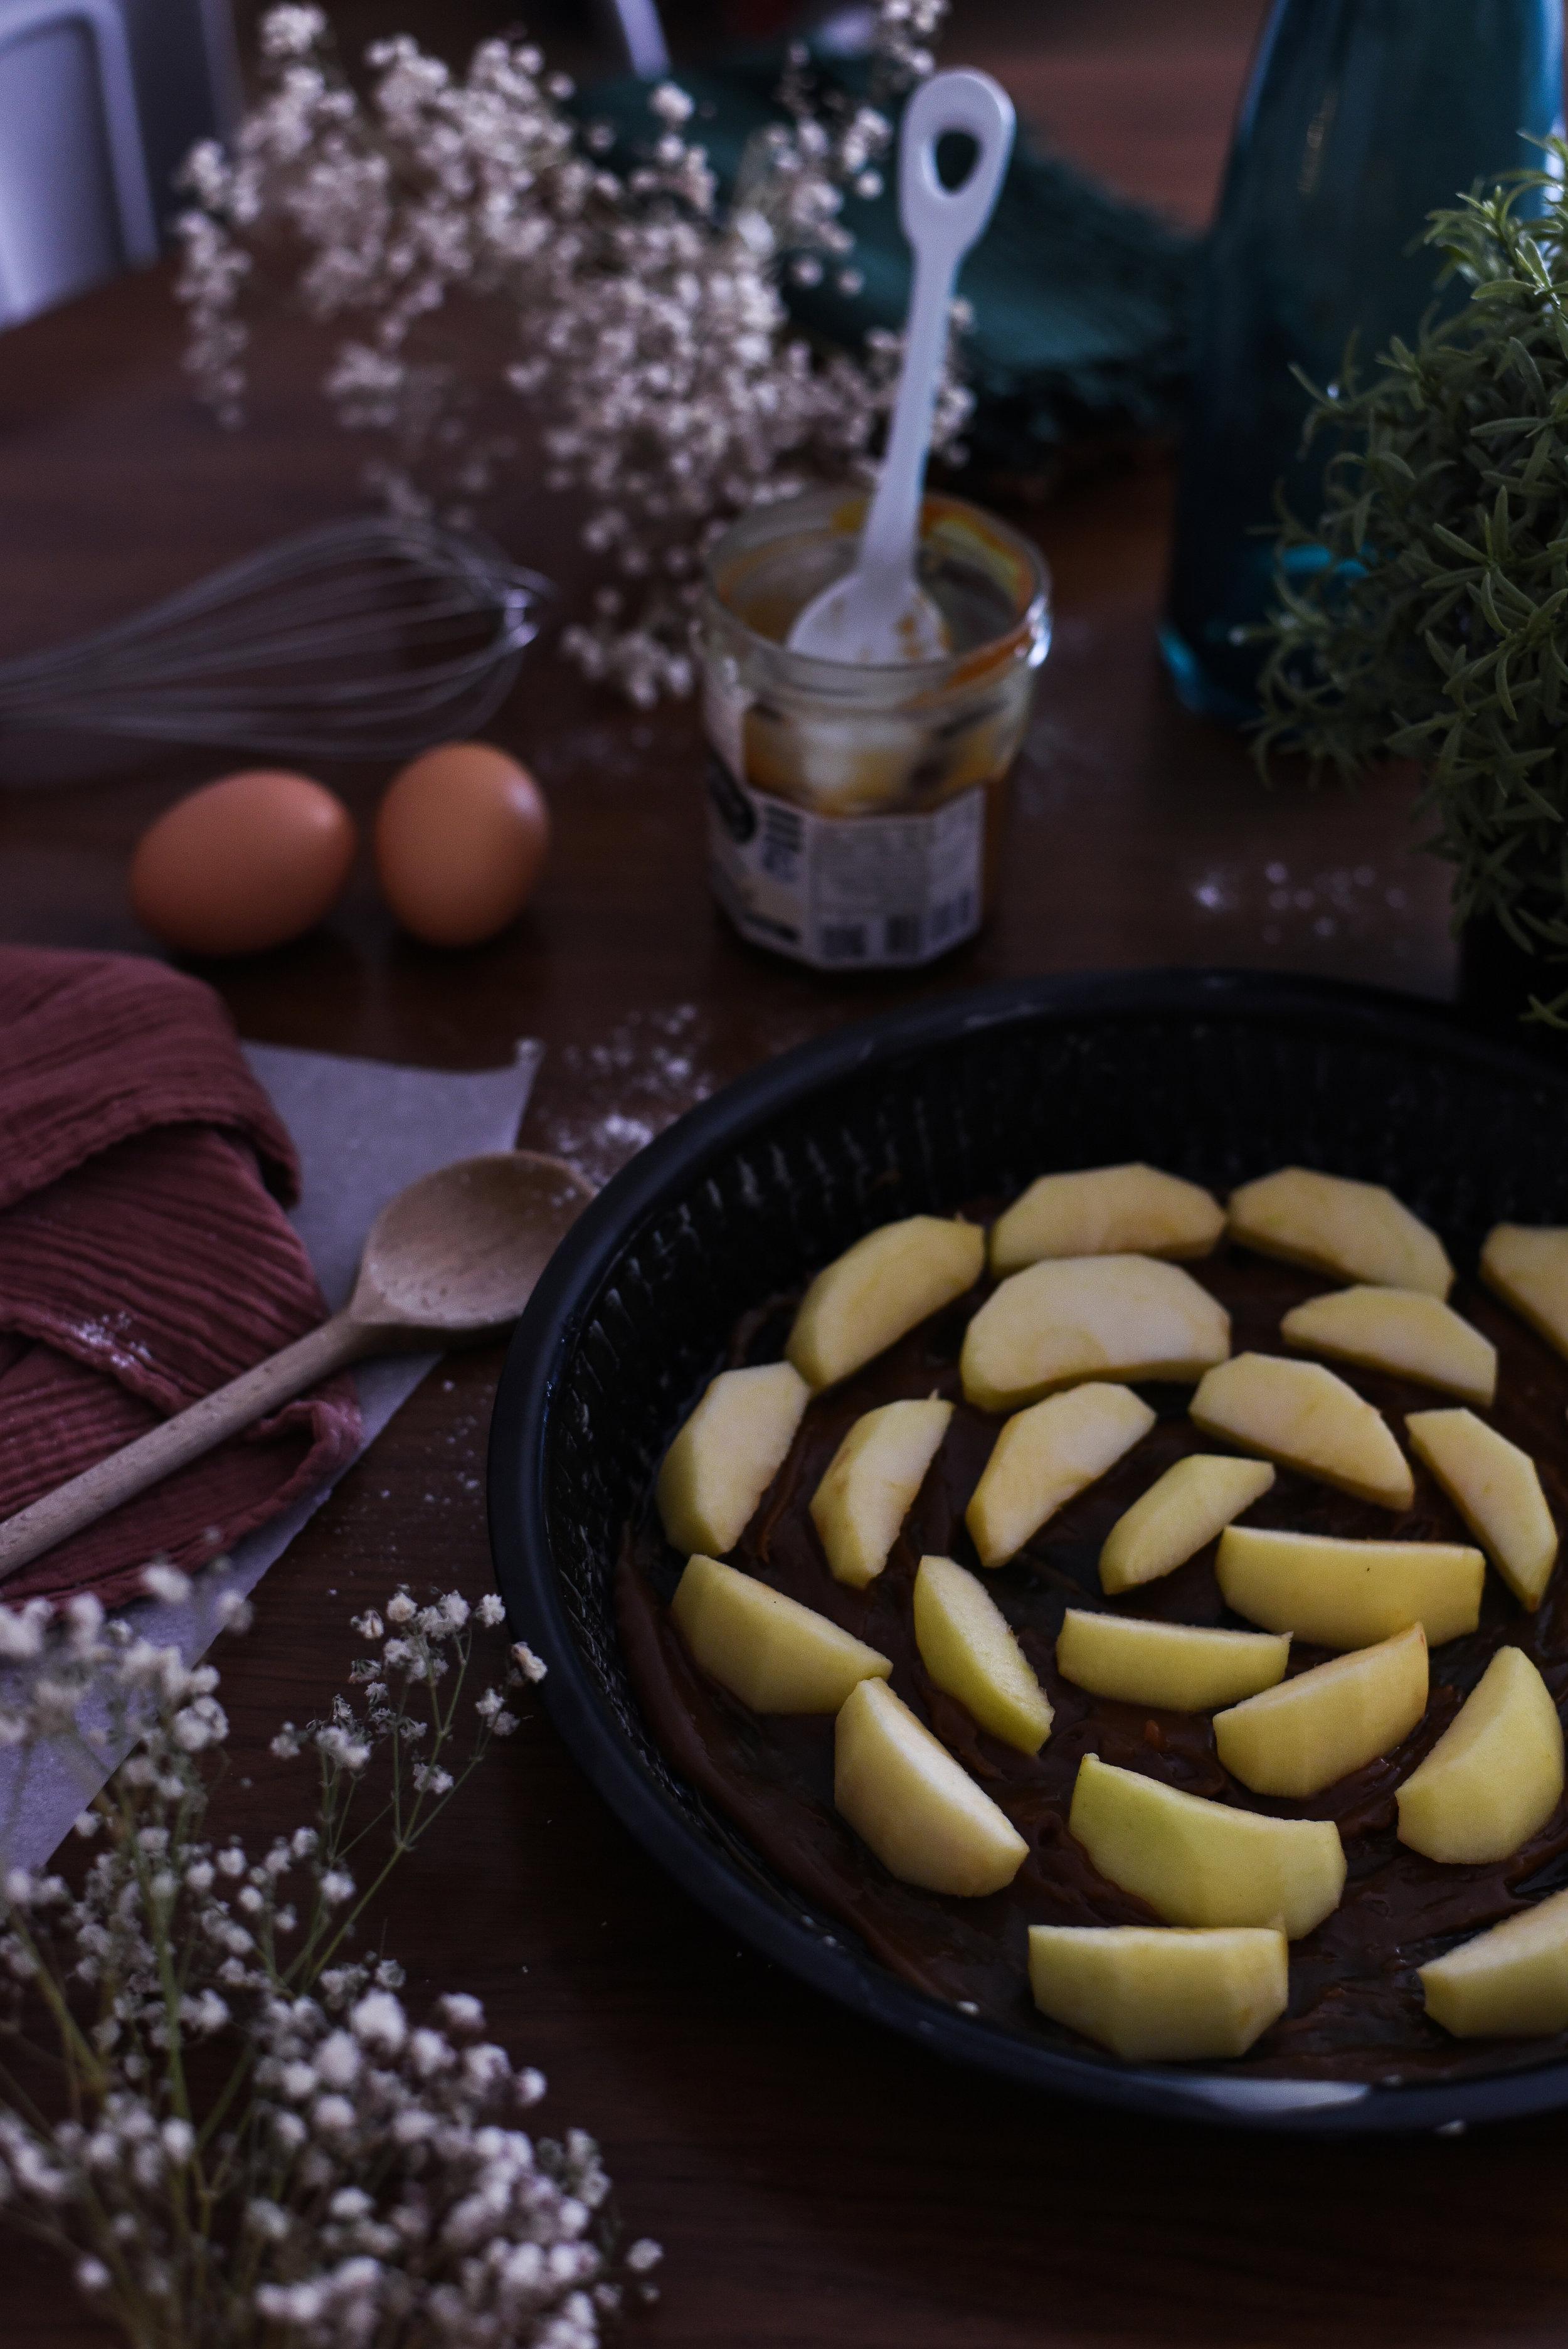 twinky lizzy blog aix en provence - gateau pomme caramel beurre sale 04.jpg